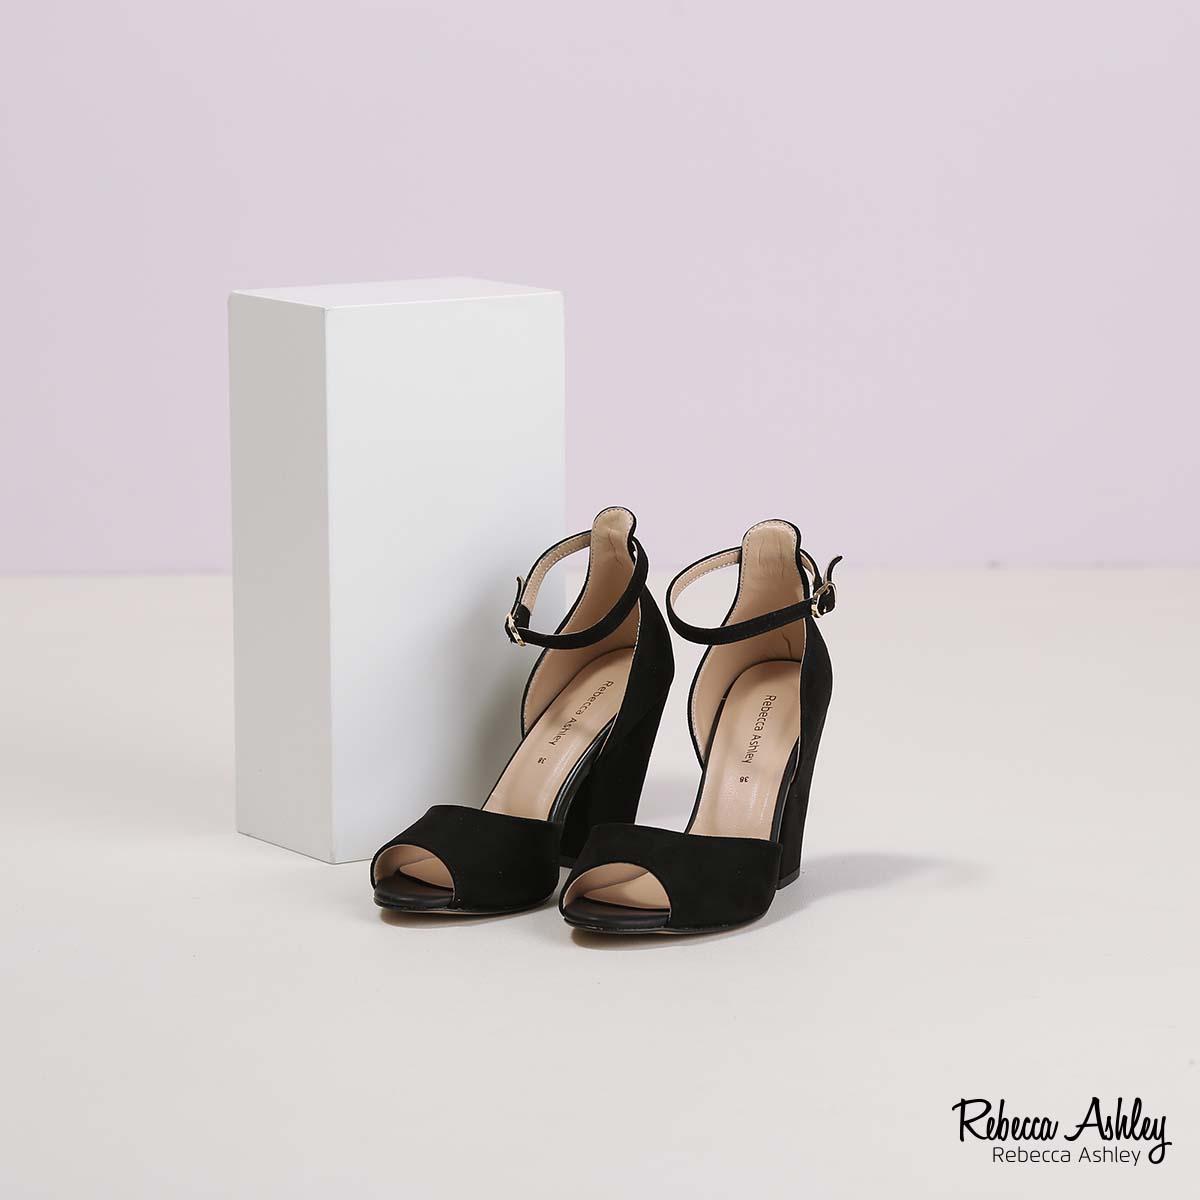 דגם נובה: נעליים בצבע שחור זמש